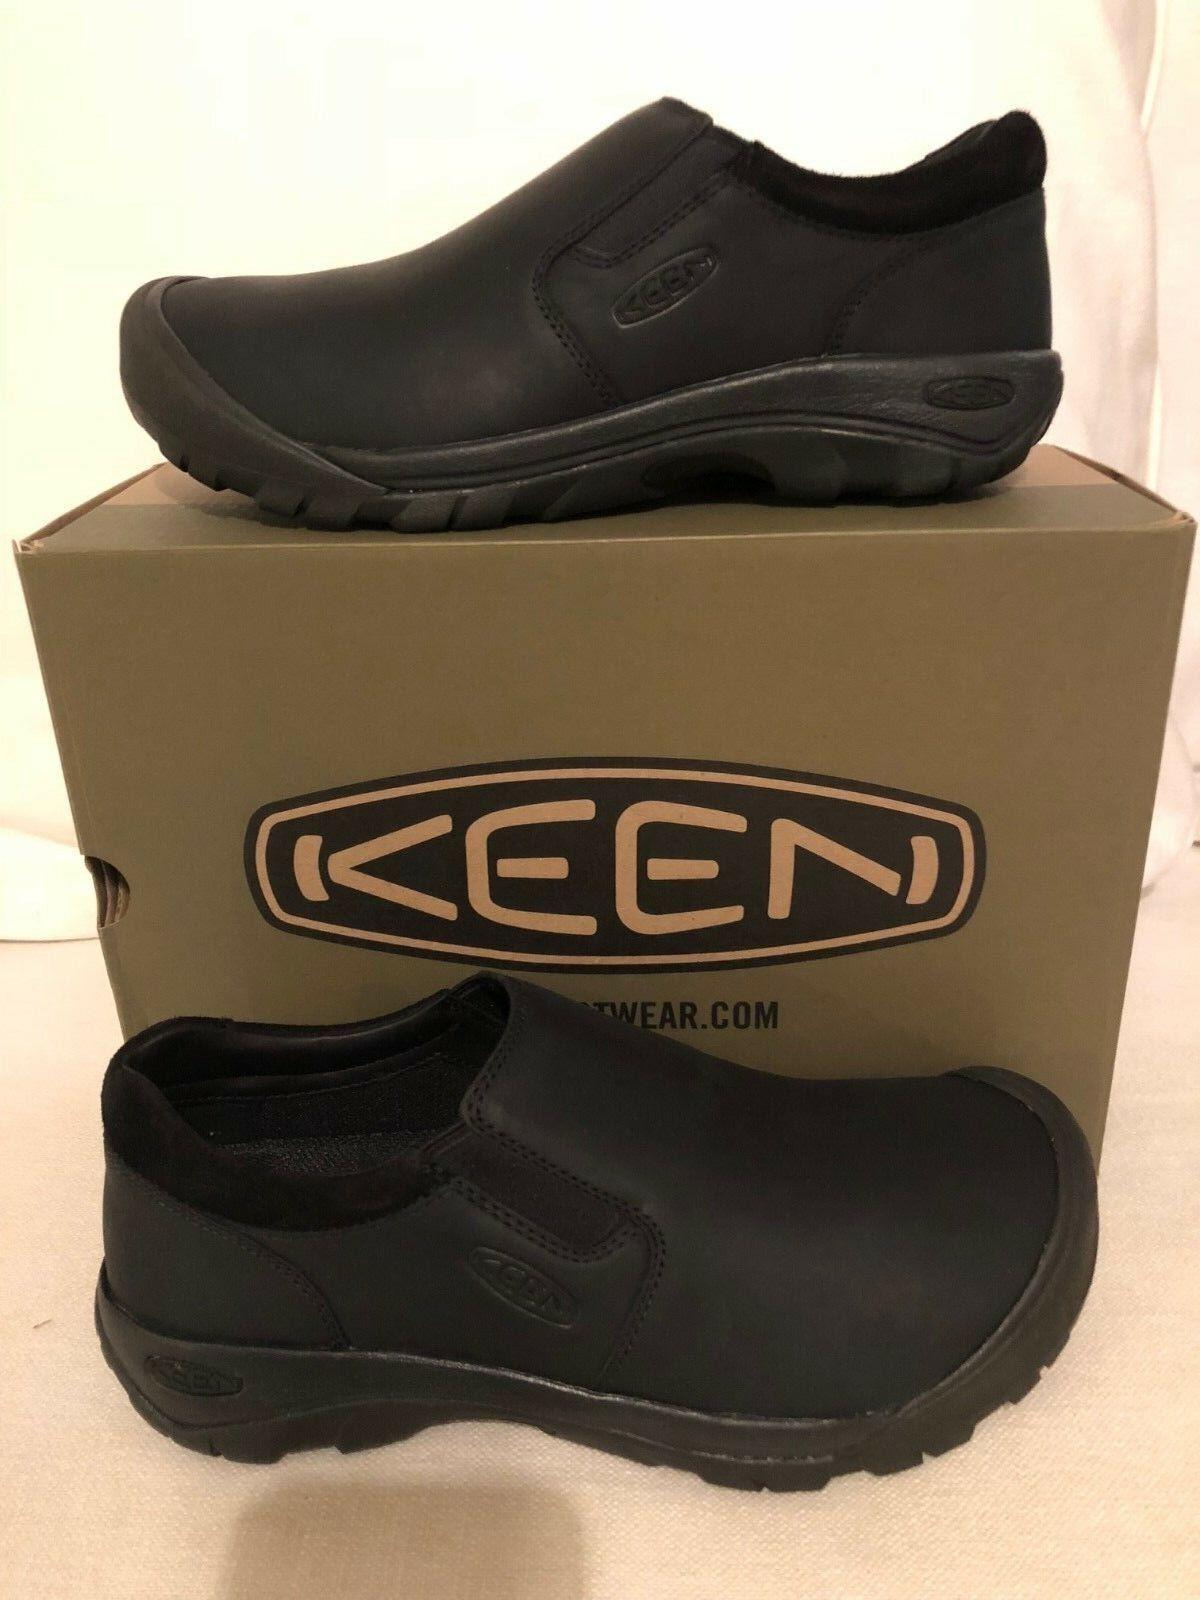 Keen Austin Informal Sin Cordones Negro Zapato Mocasín Raven Para Hombre Tallas 7-17    nuevo